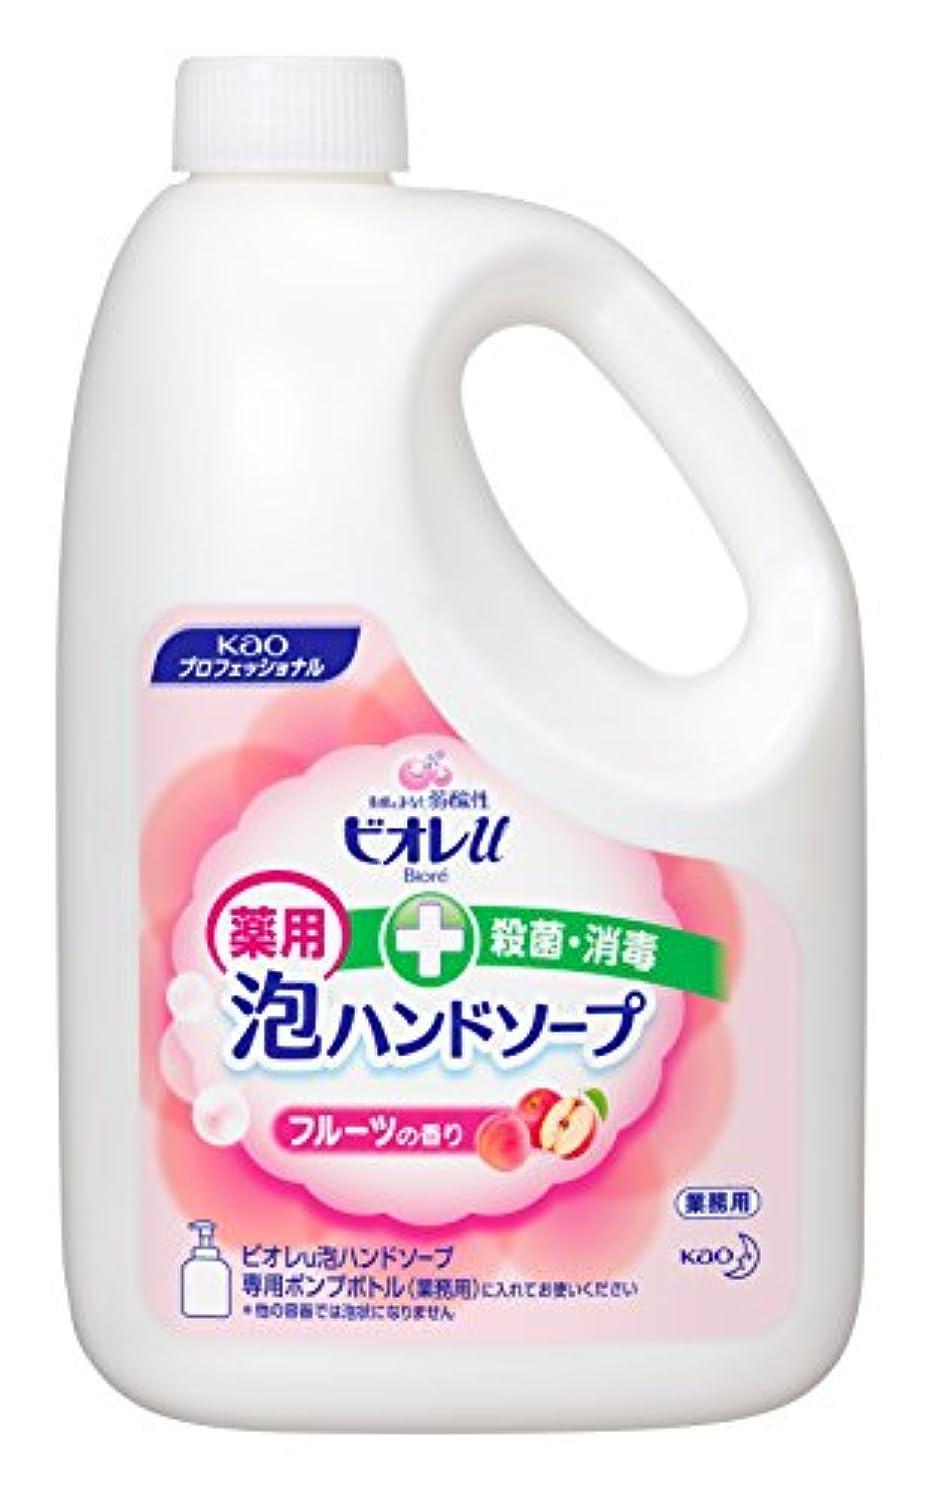 スポーツドア噂【業務用 泡ハンドソープ】ビオレu 泡ハンドソープ フルーツの香り 2L(プロフェッショナルシリーズ)